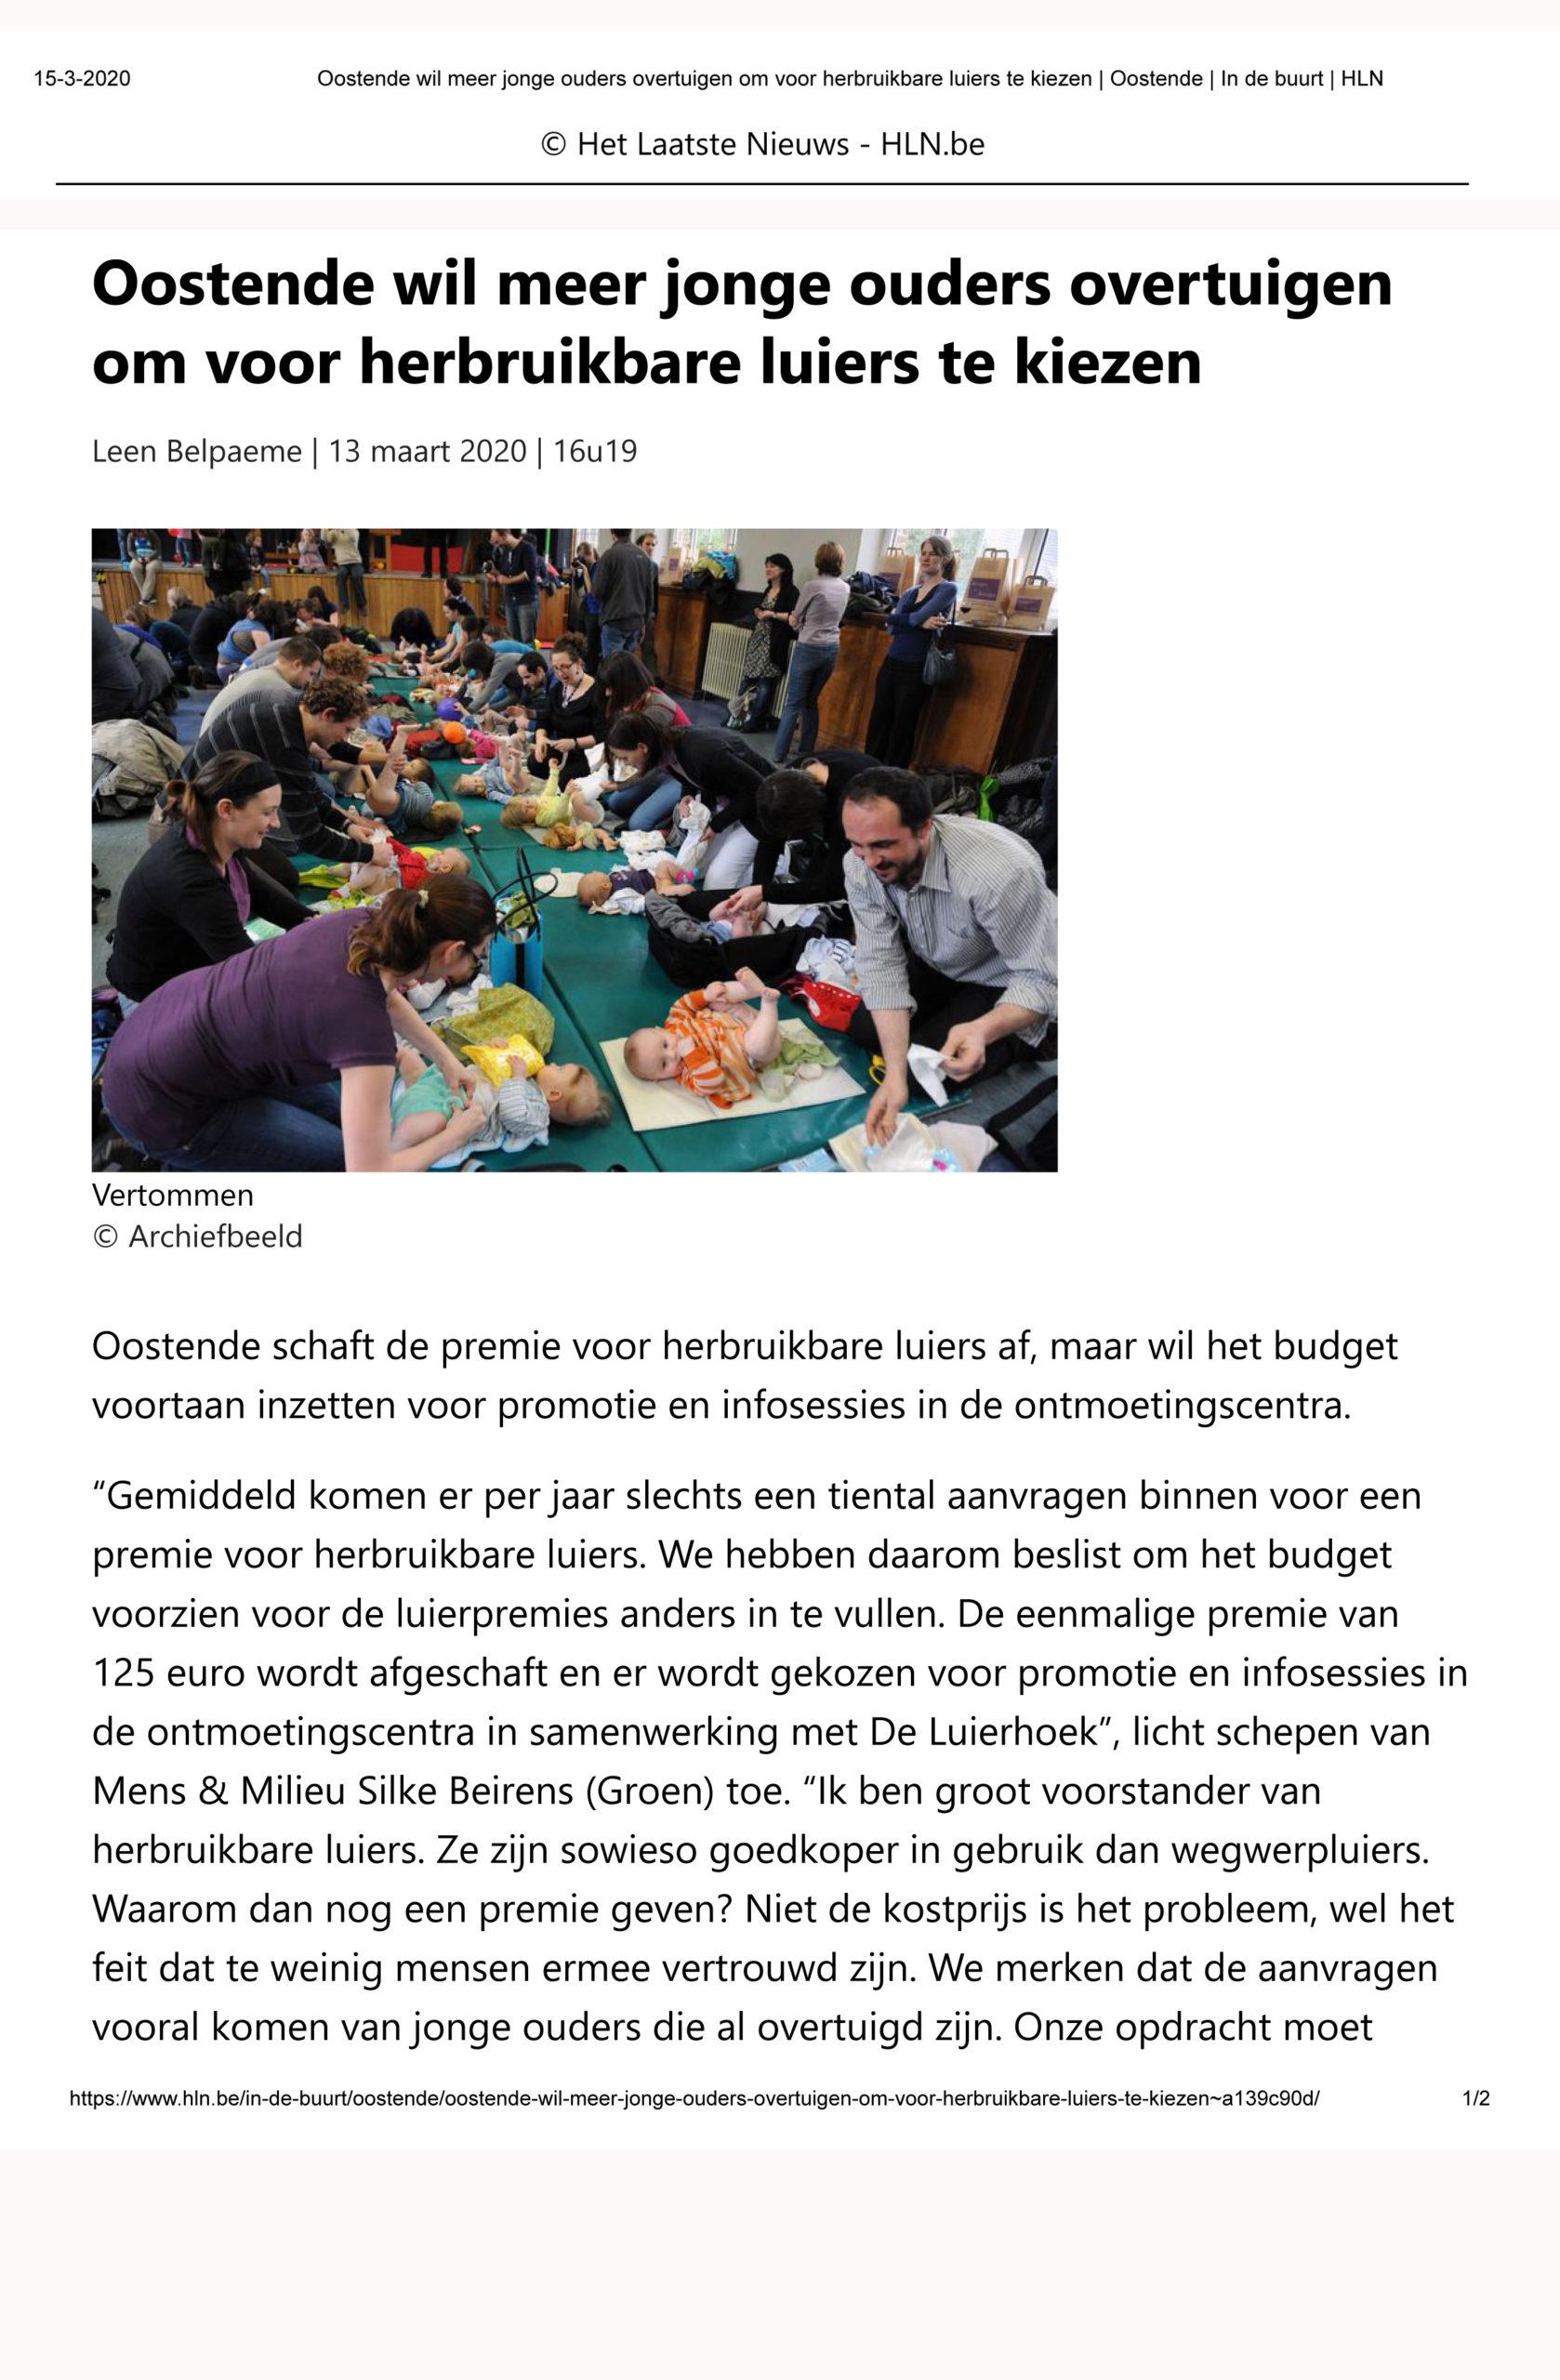 Oostende wil meer jonge ouders overtuigen om voor herbruikbare luiers te kiezen _ Oostende _ In de buurt _ HLN-1 15-03-2020